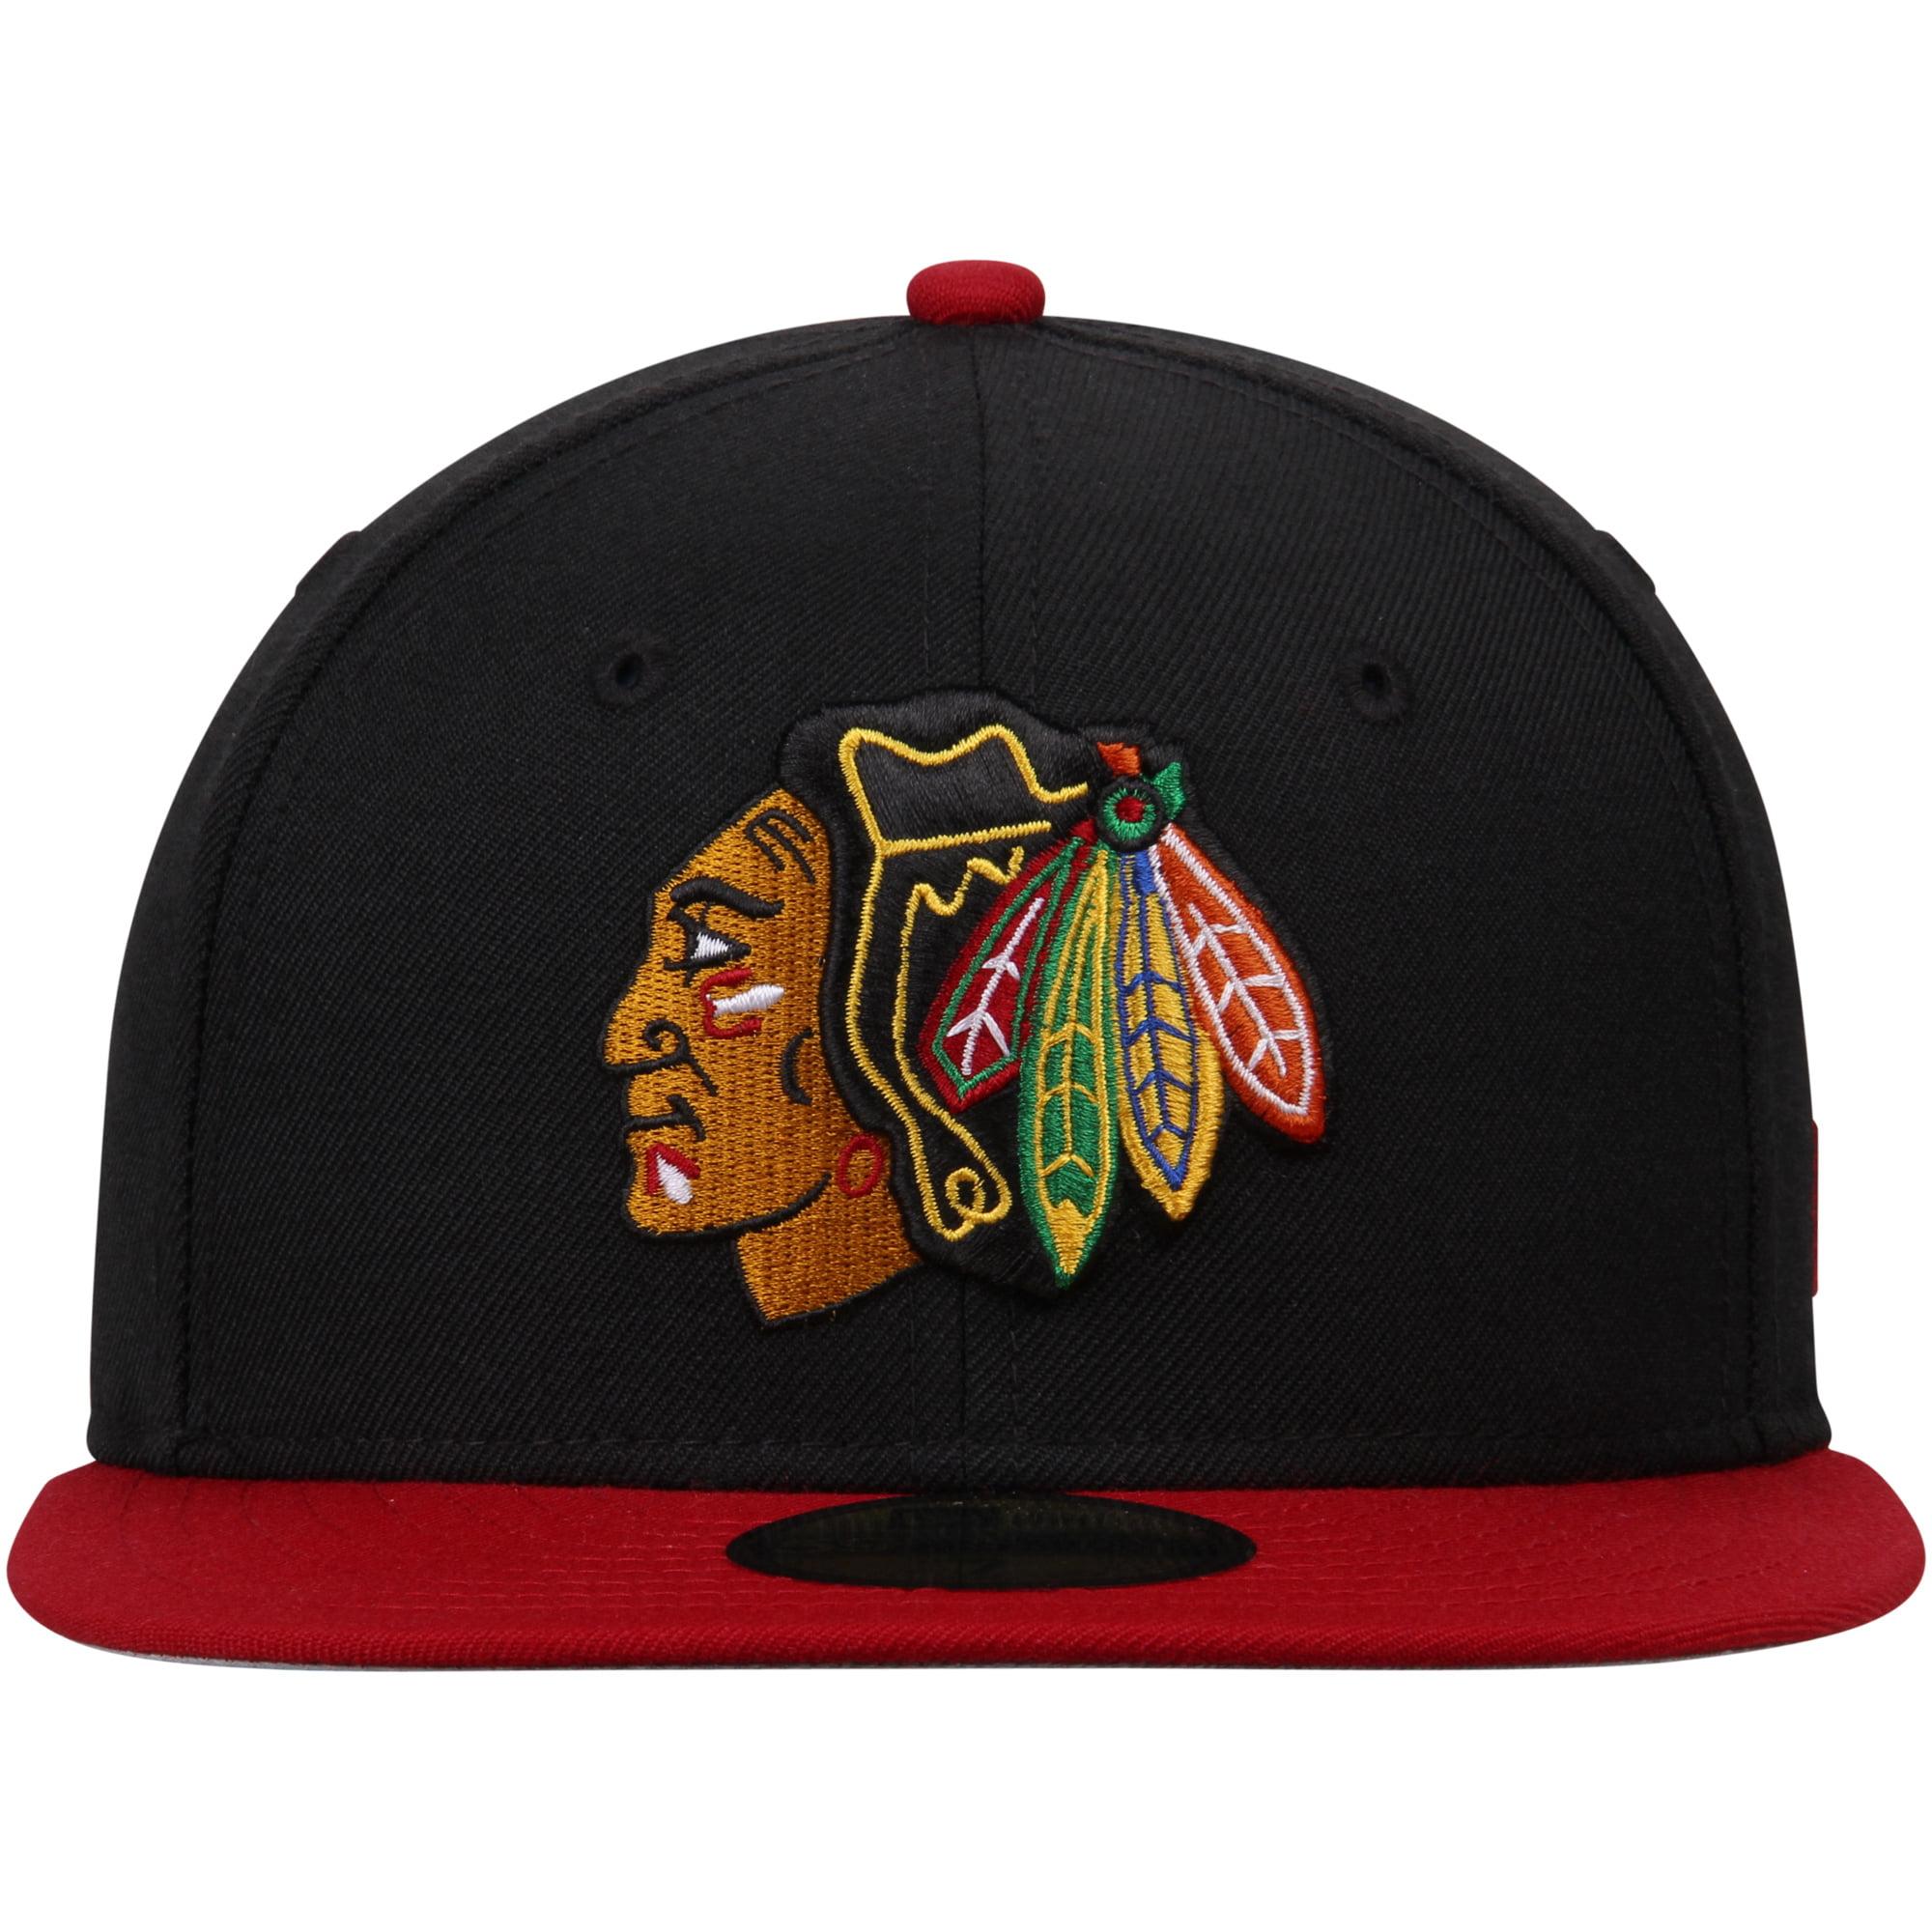 parhaiten rakastettu valtava inventaario erityinen kenkä chicago blackhawks new era 2-tone 59fifty fitted hat - black ...